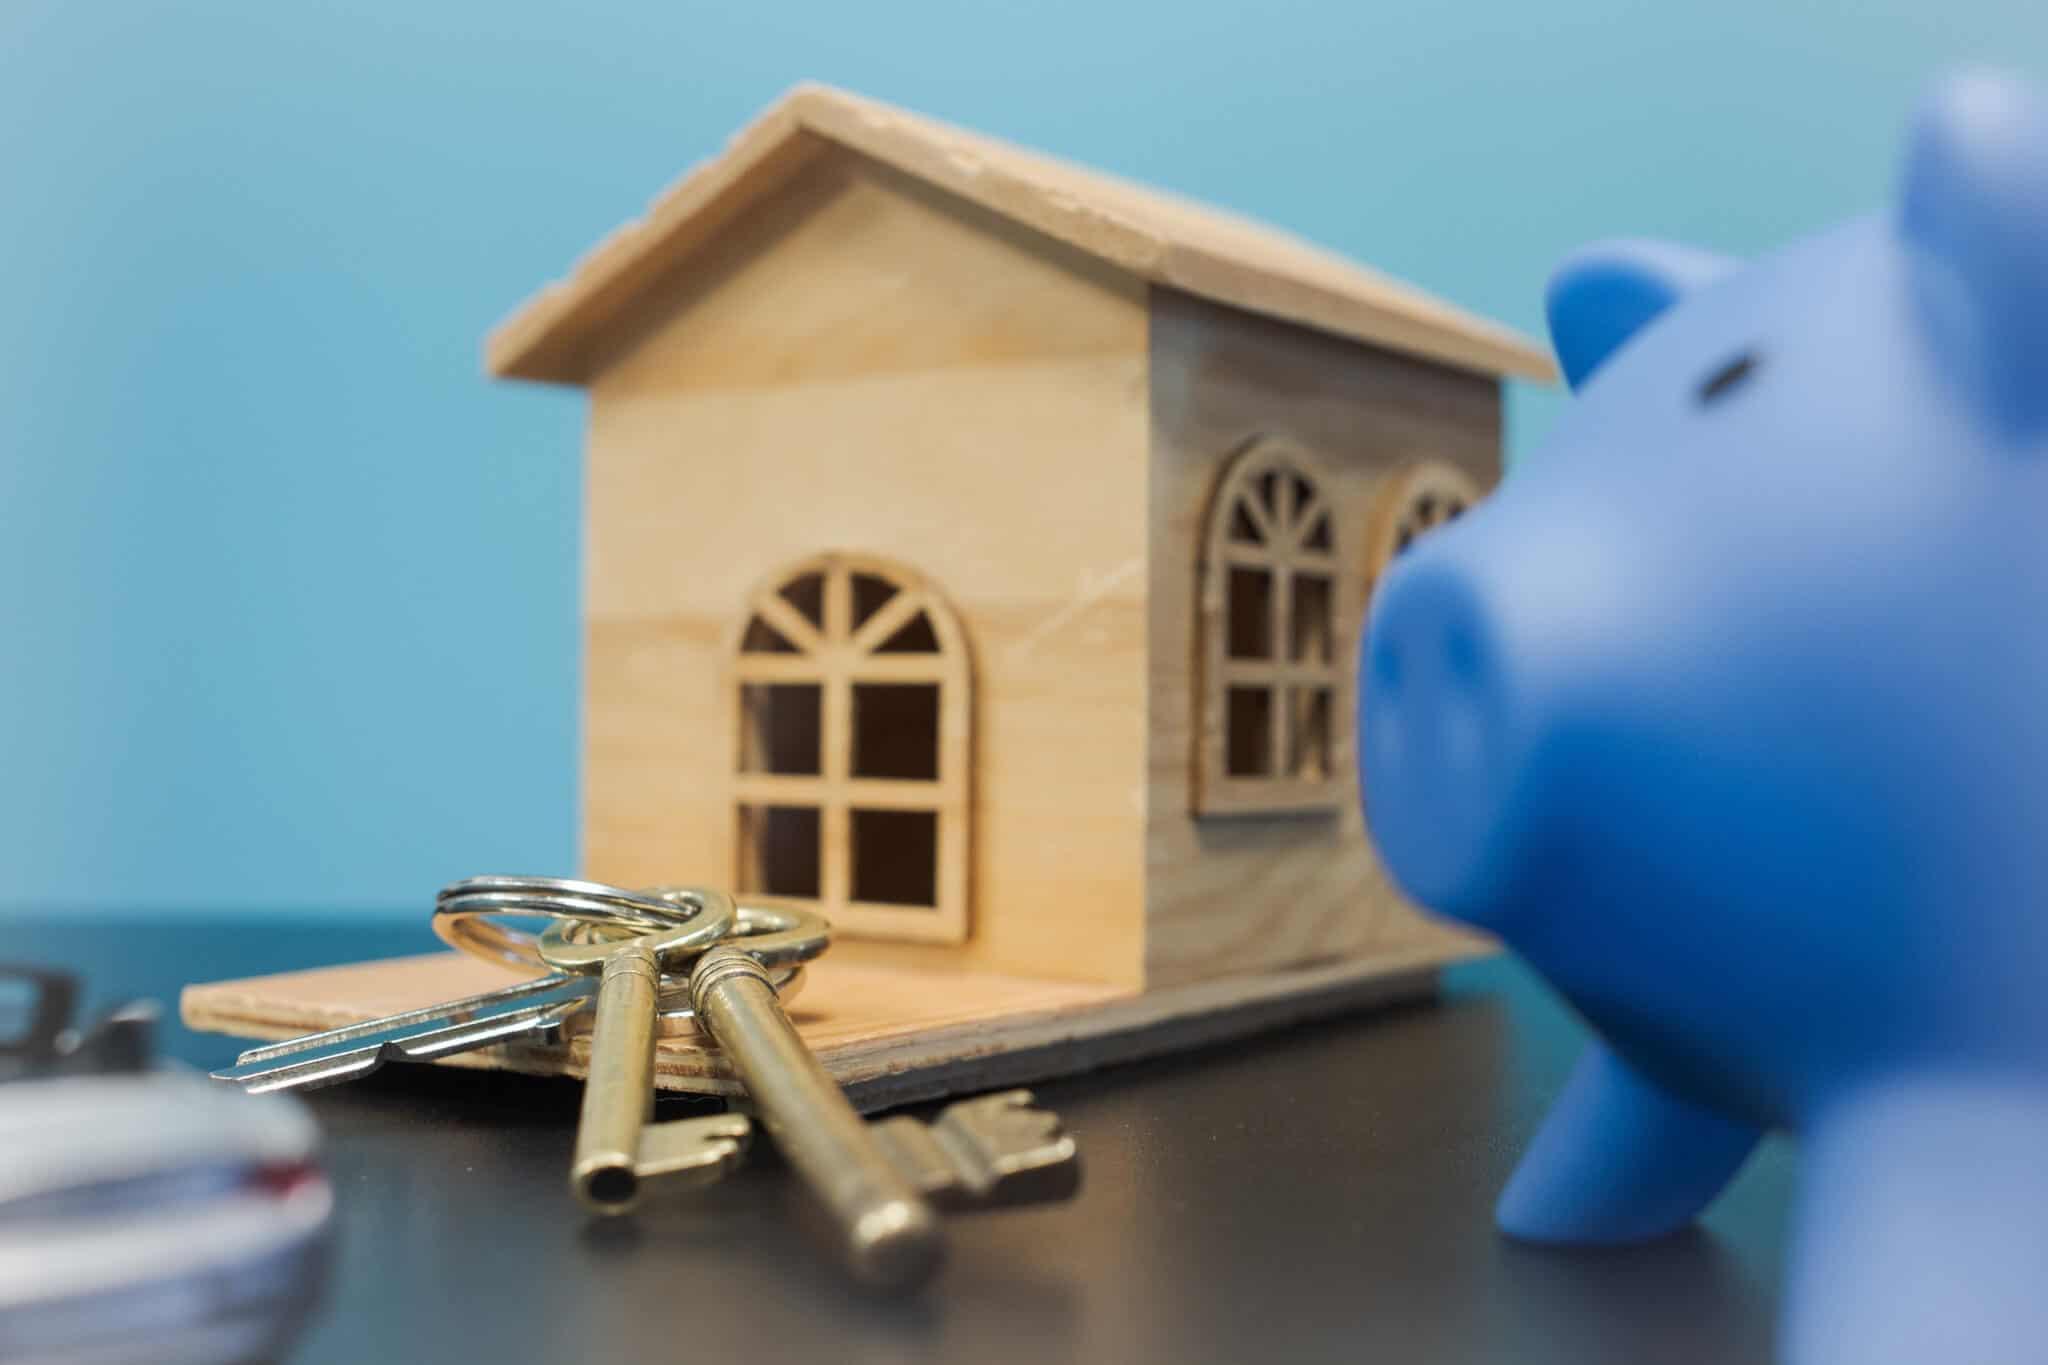 casa de madeira com chaves e um porco mealheiro azul perto